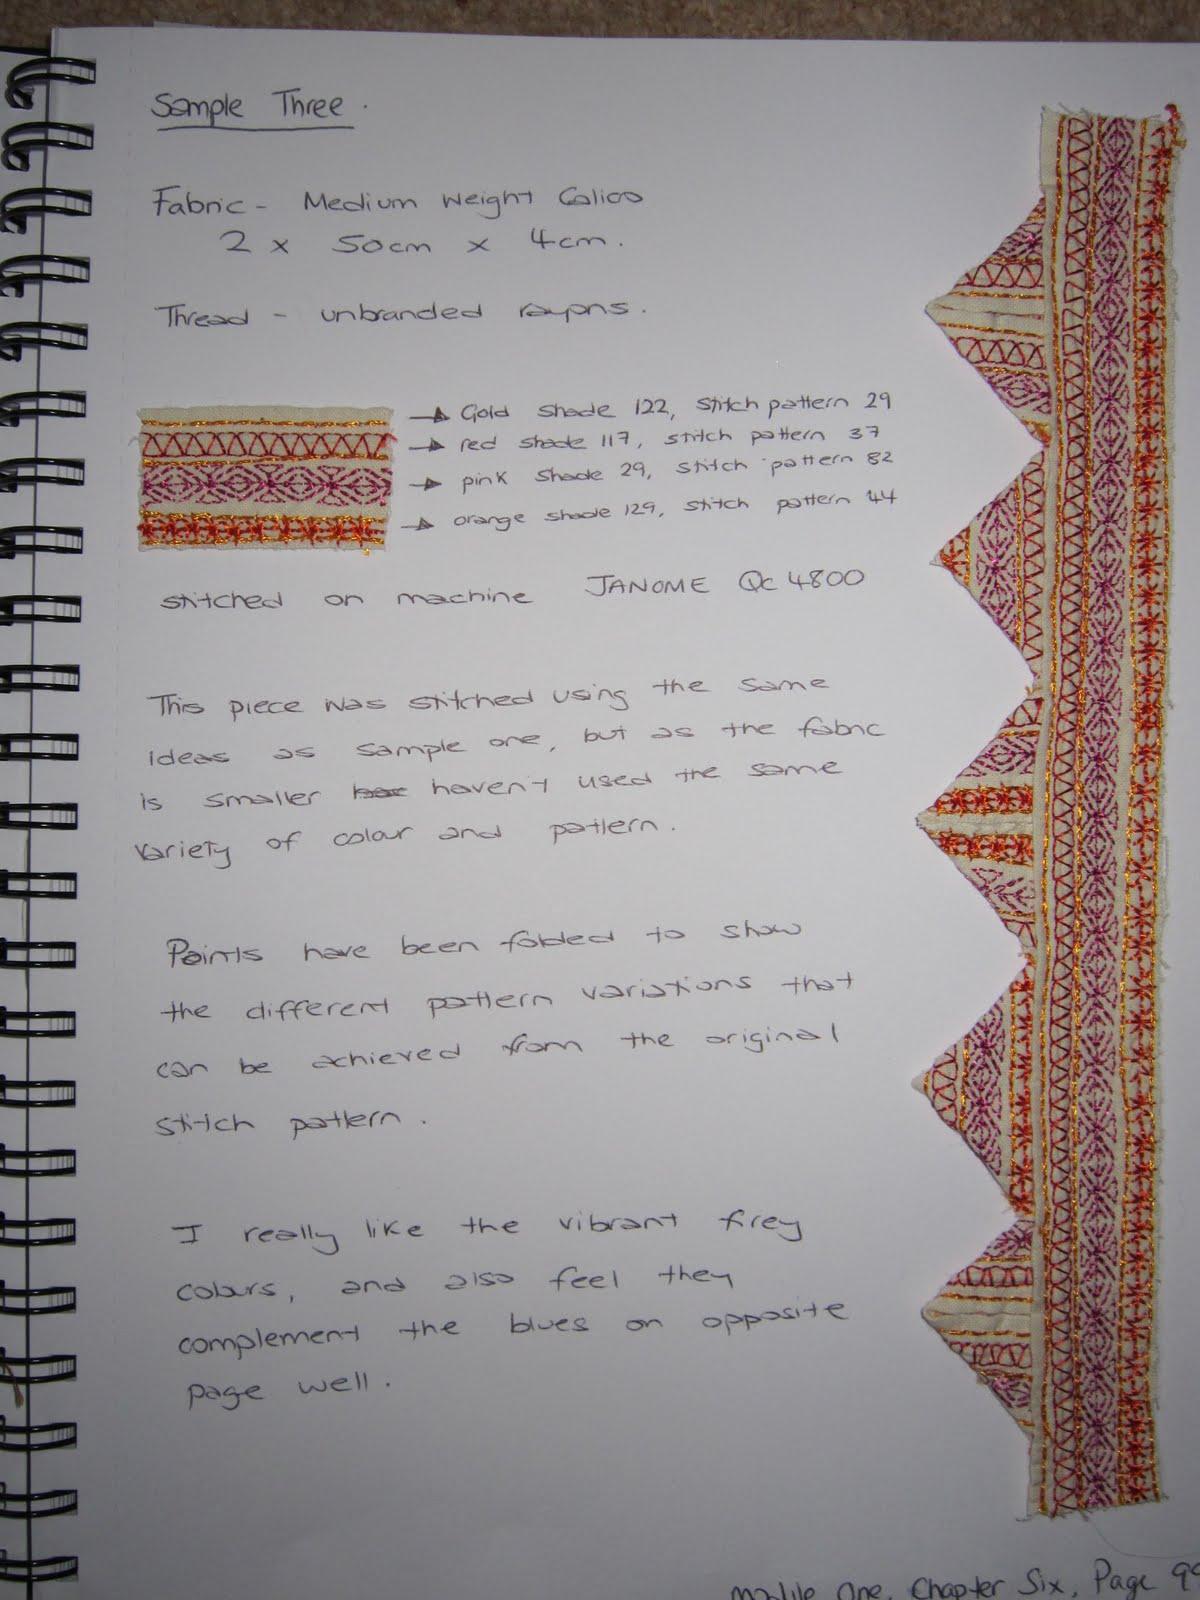 writing a six page paper stitch